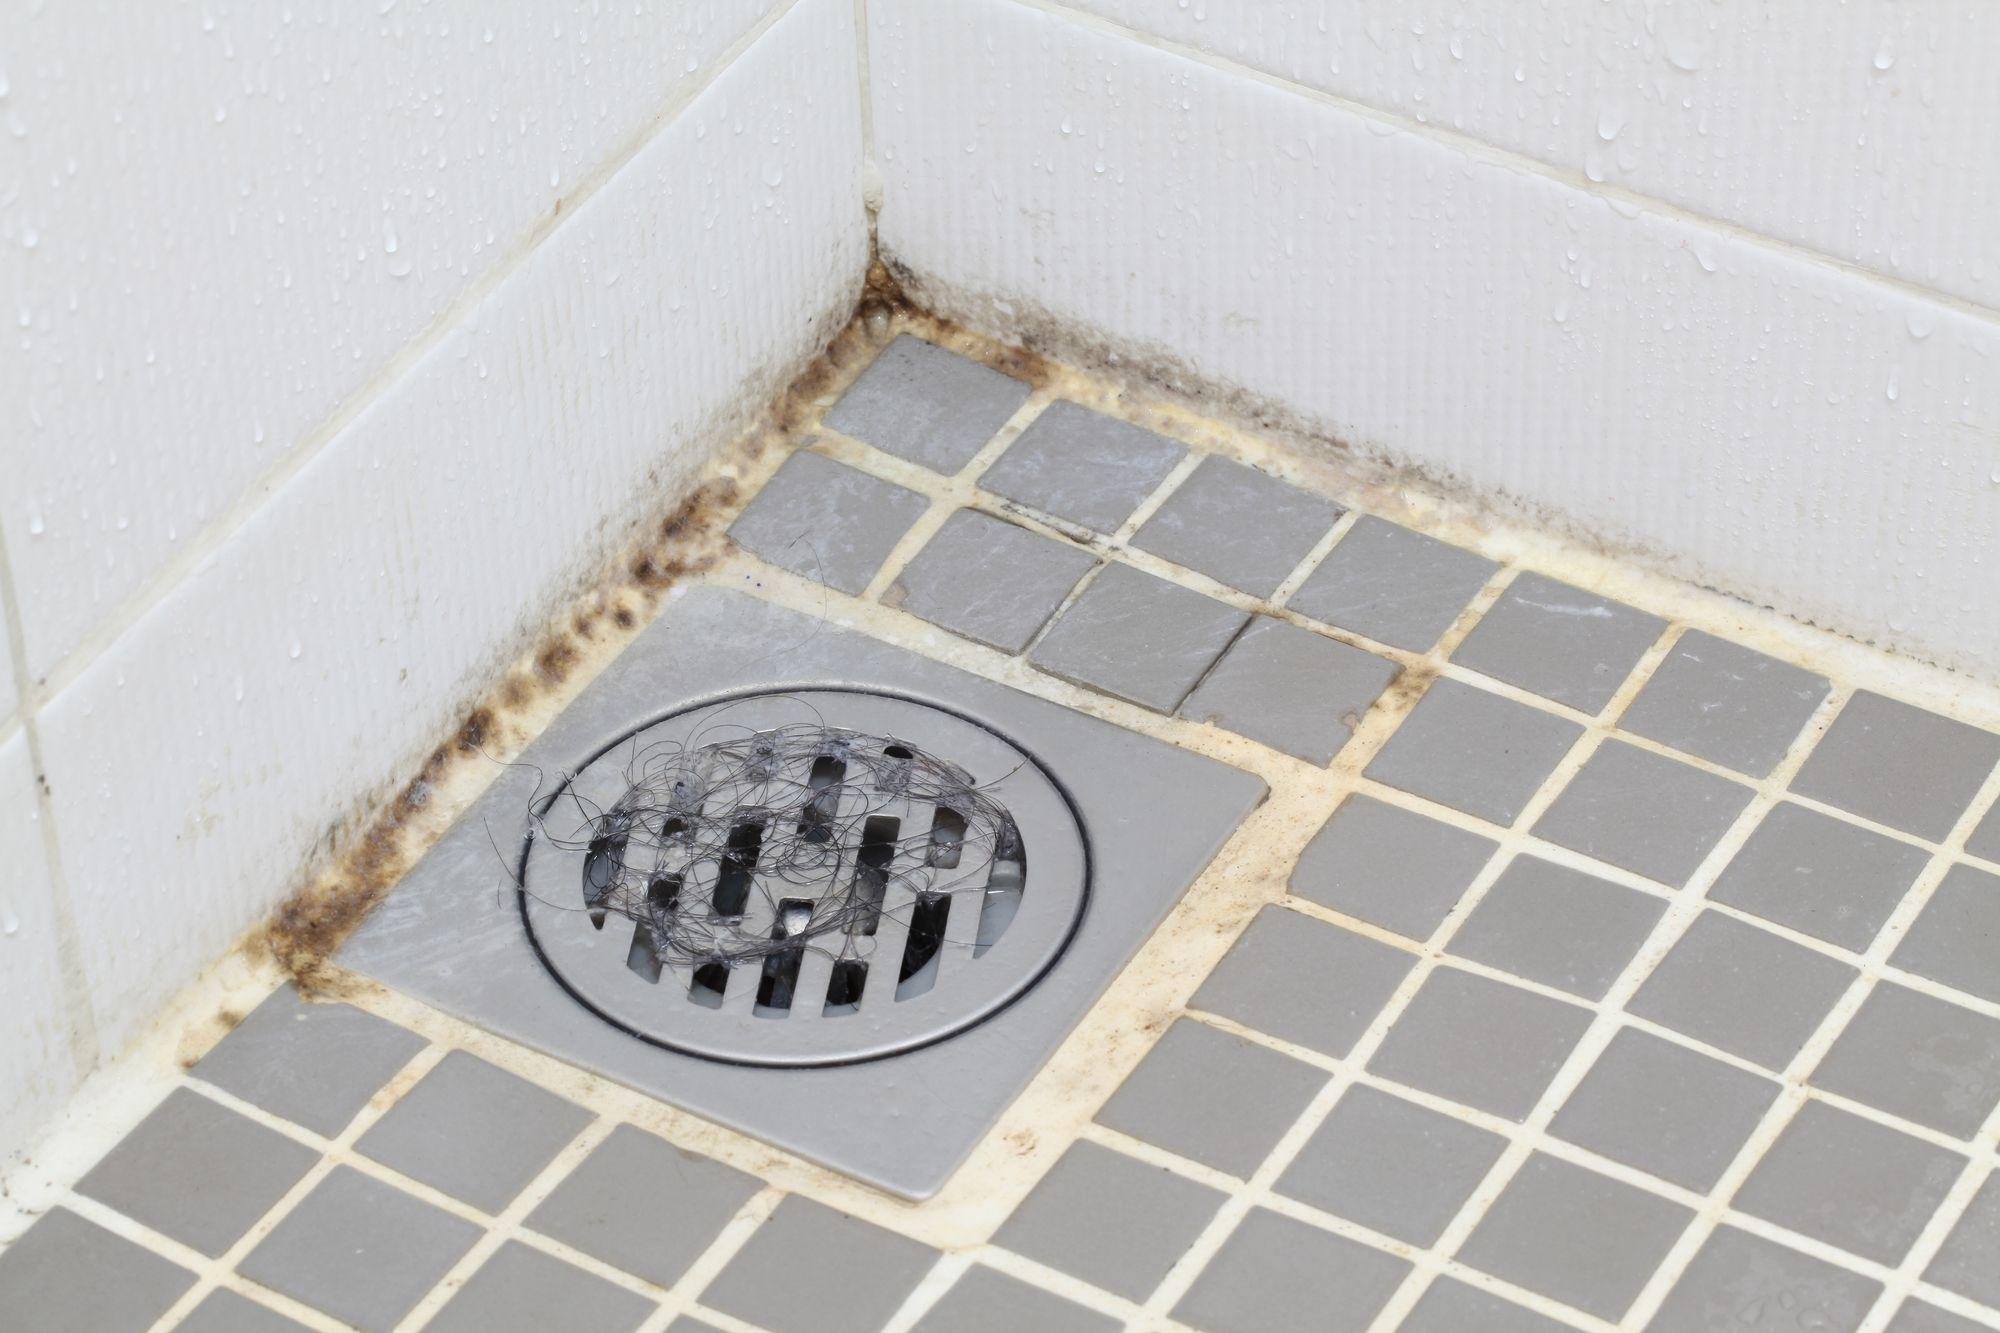 浴室のガンコな汚れはこう落とす 汚れを効果的に落とすコツ キレイを